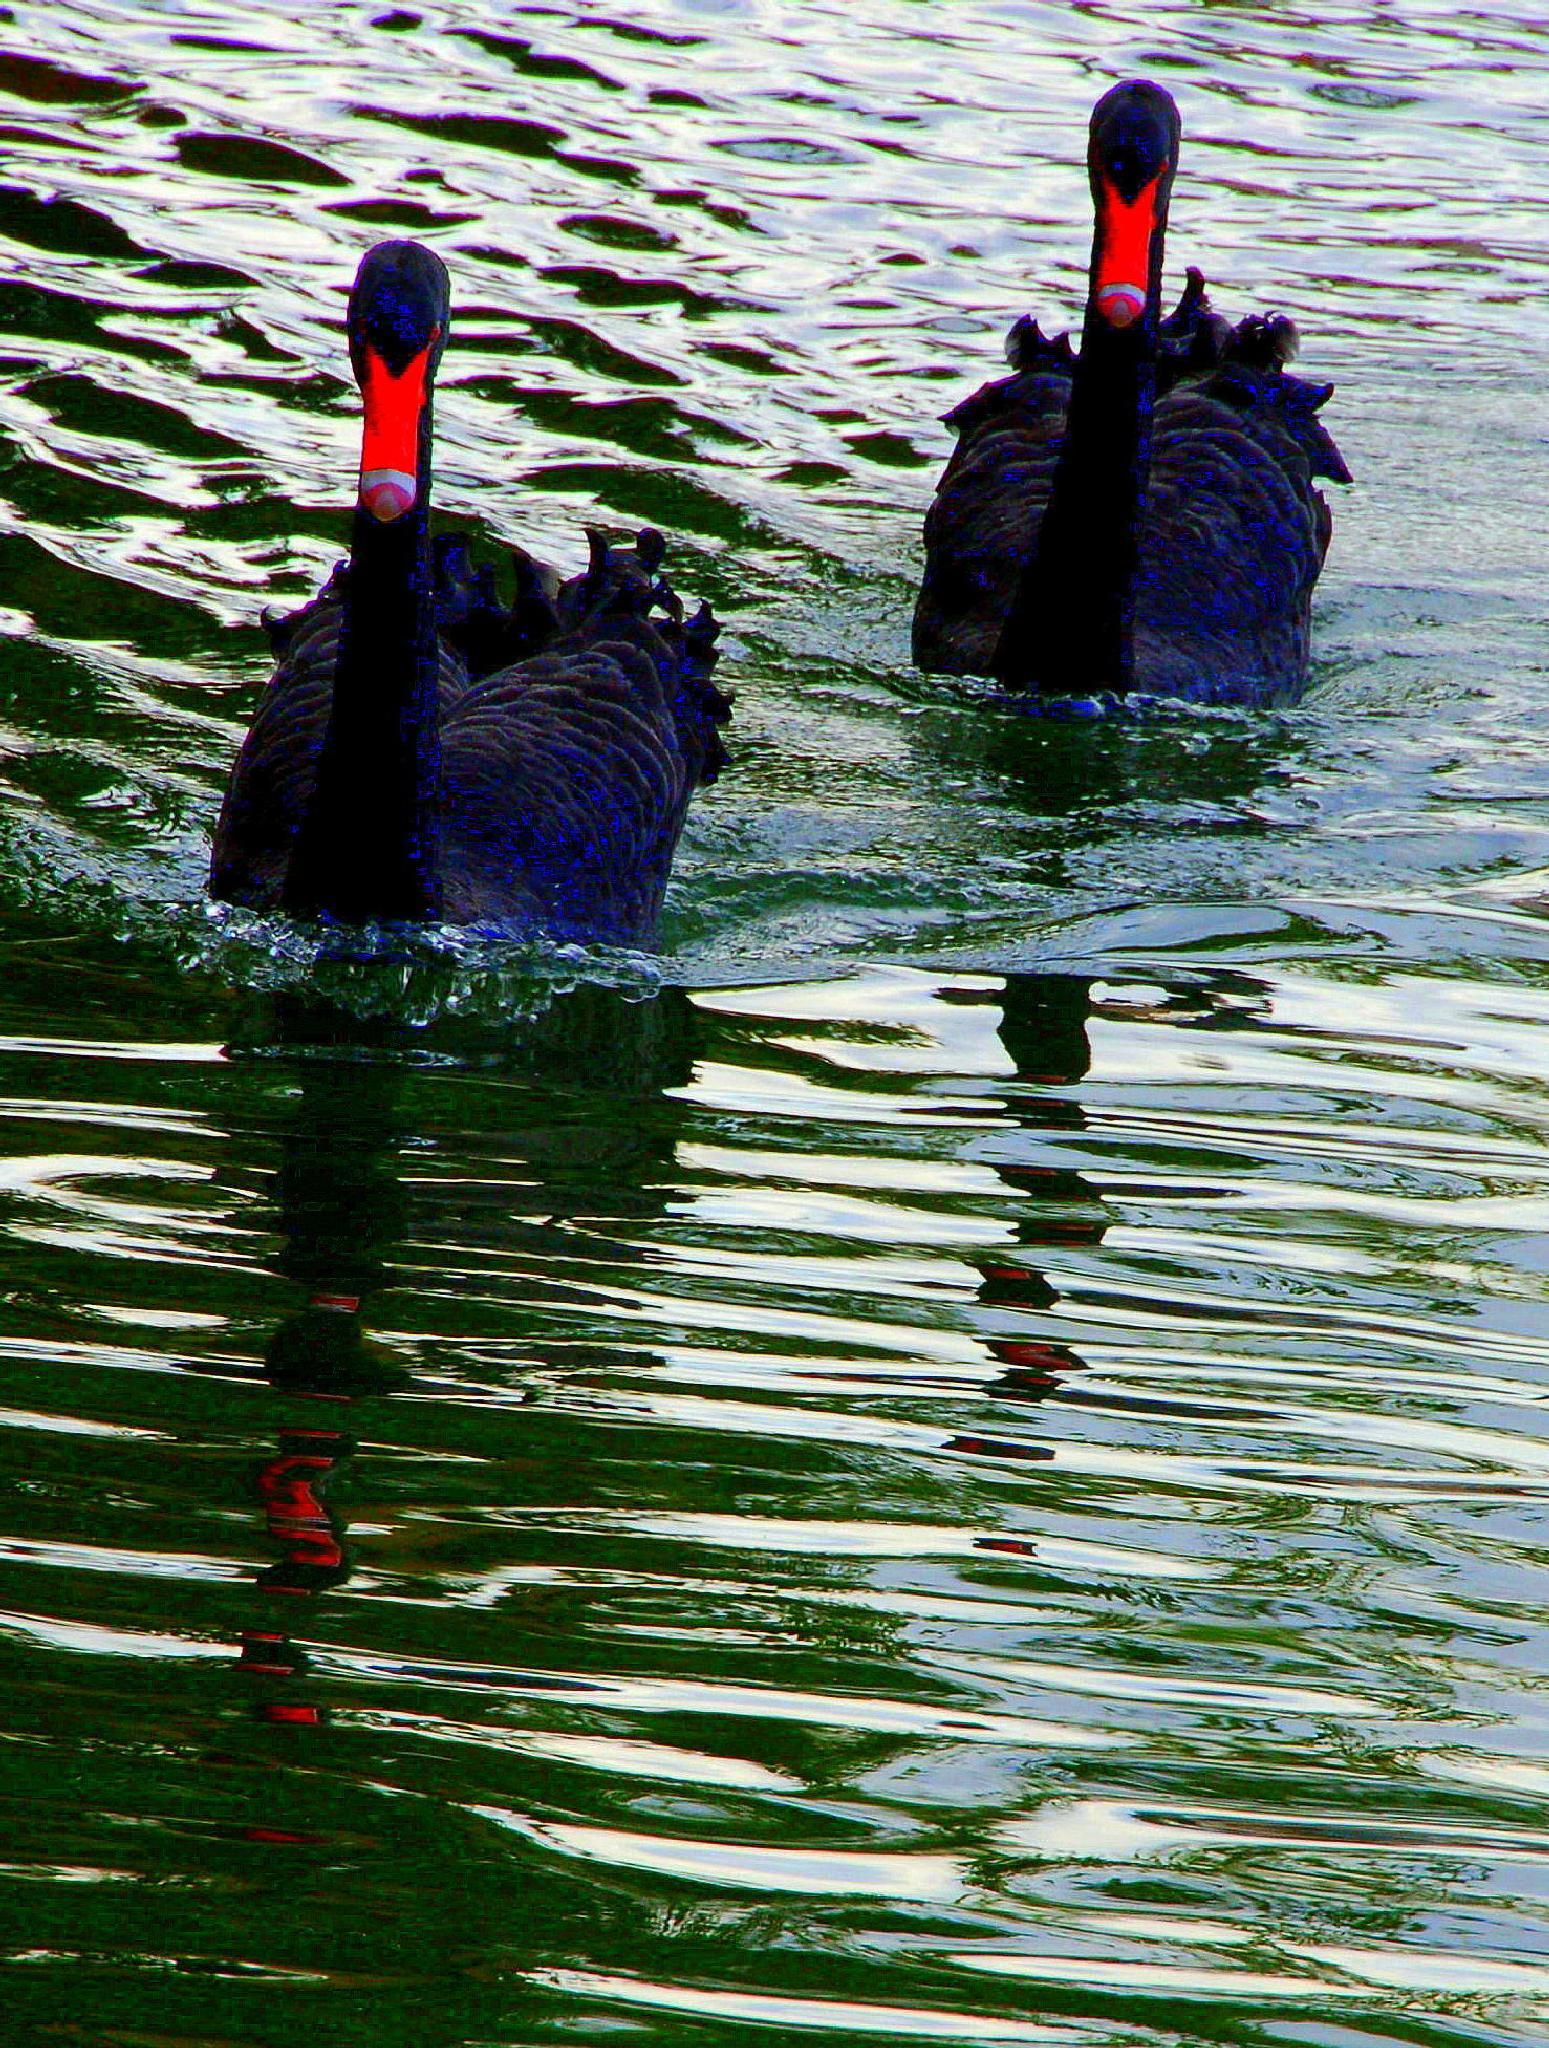 Black Swans #24 by mpross1